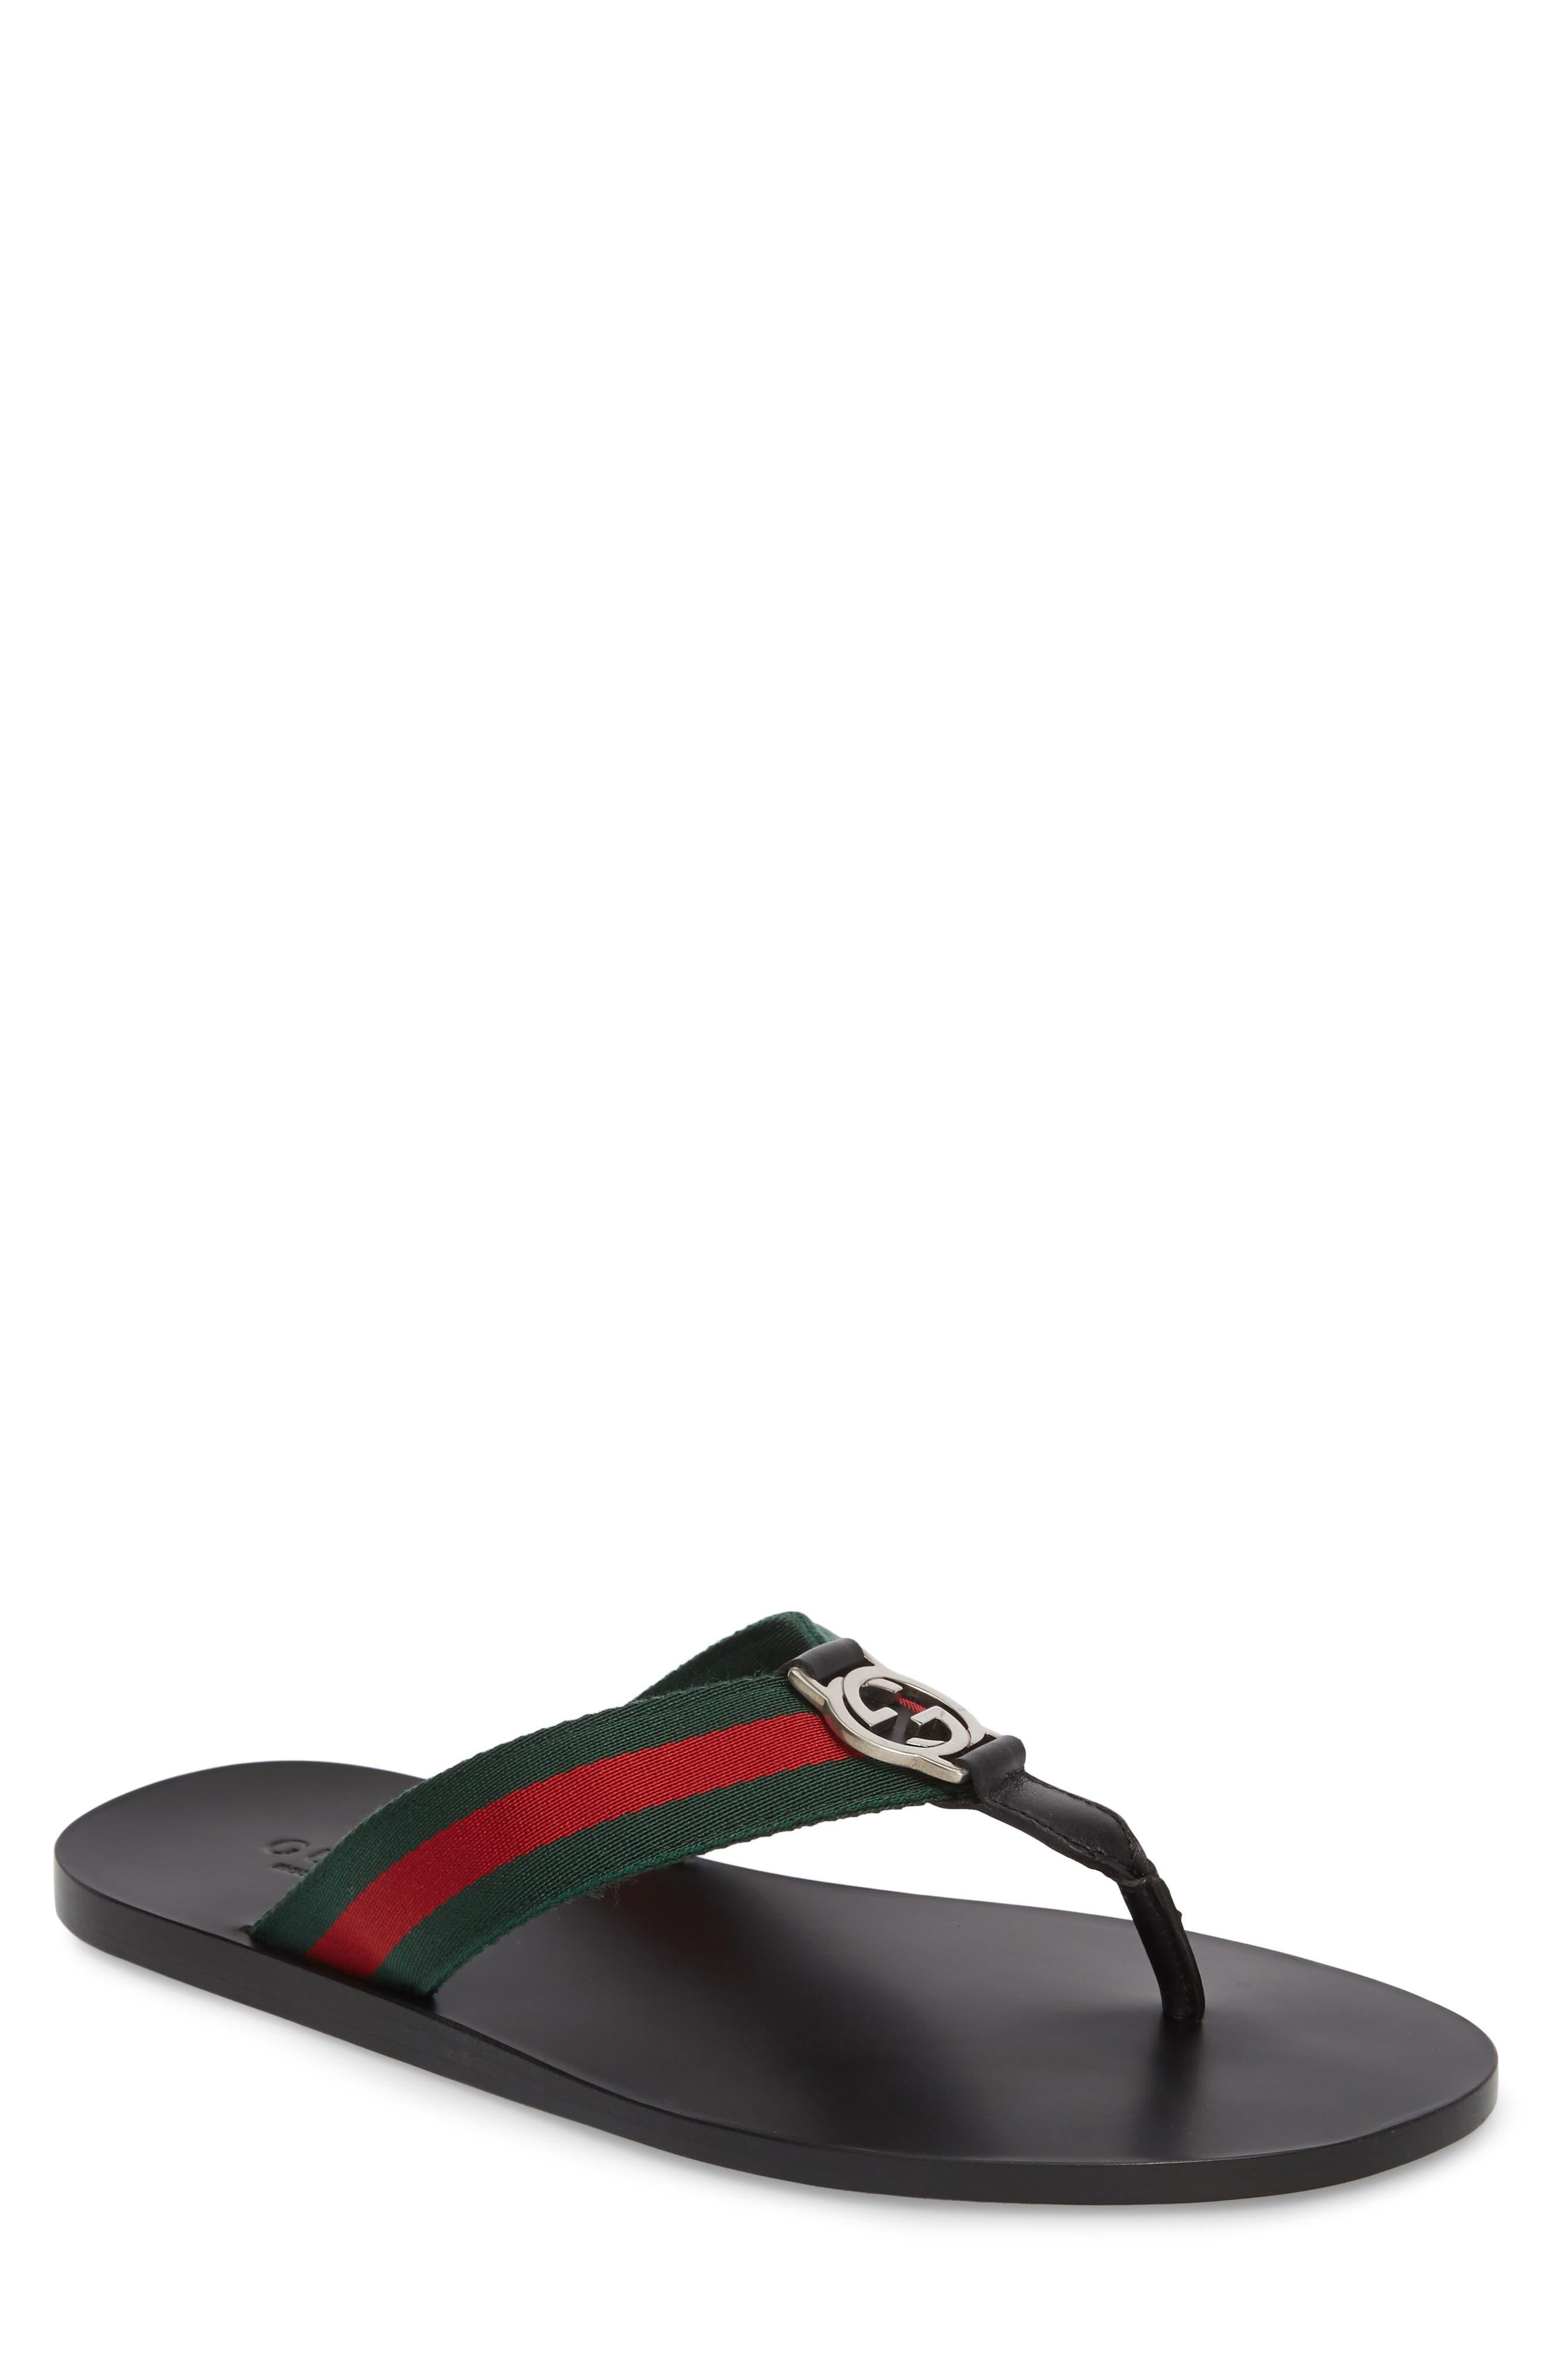 Alternate Image 1 Selected - Gucci Flip Flop (Men)